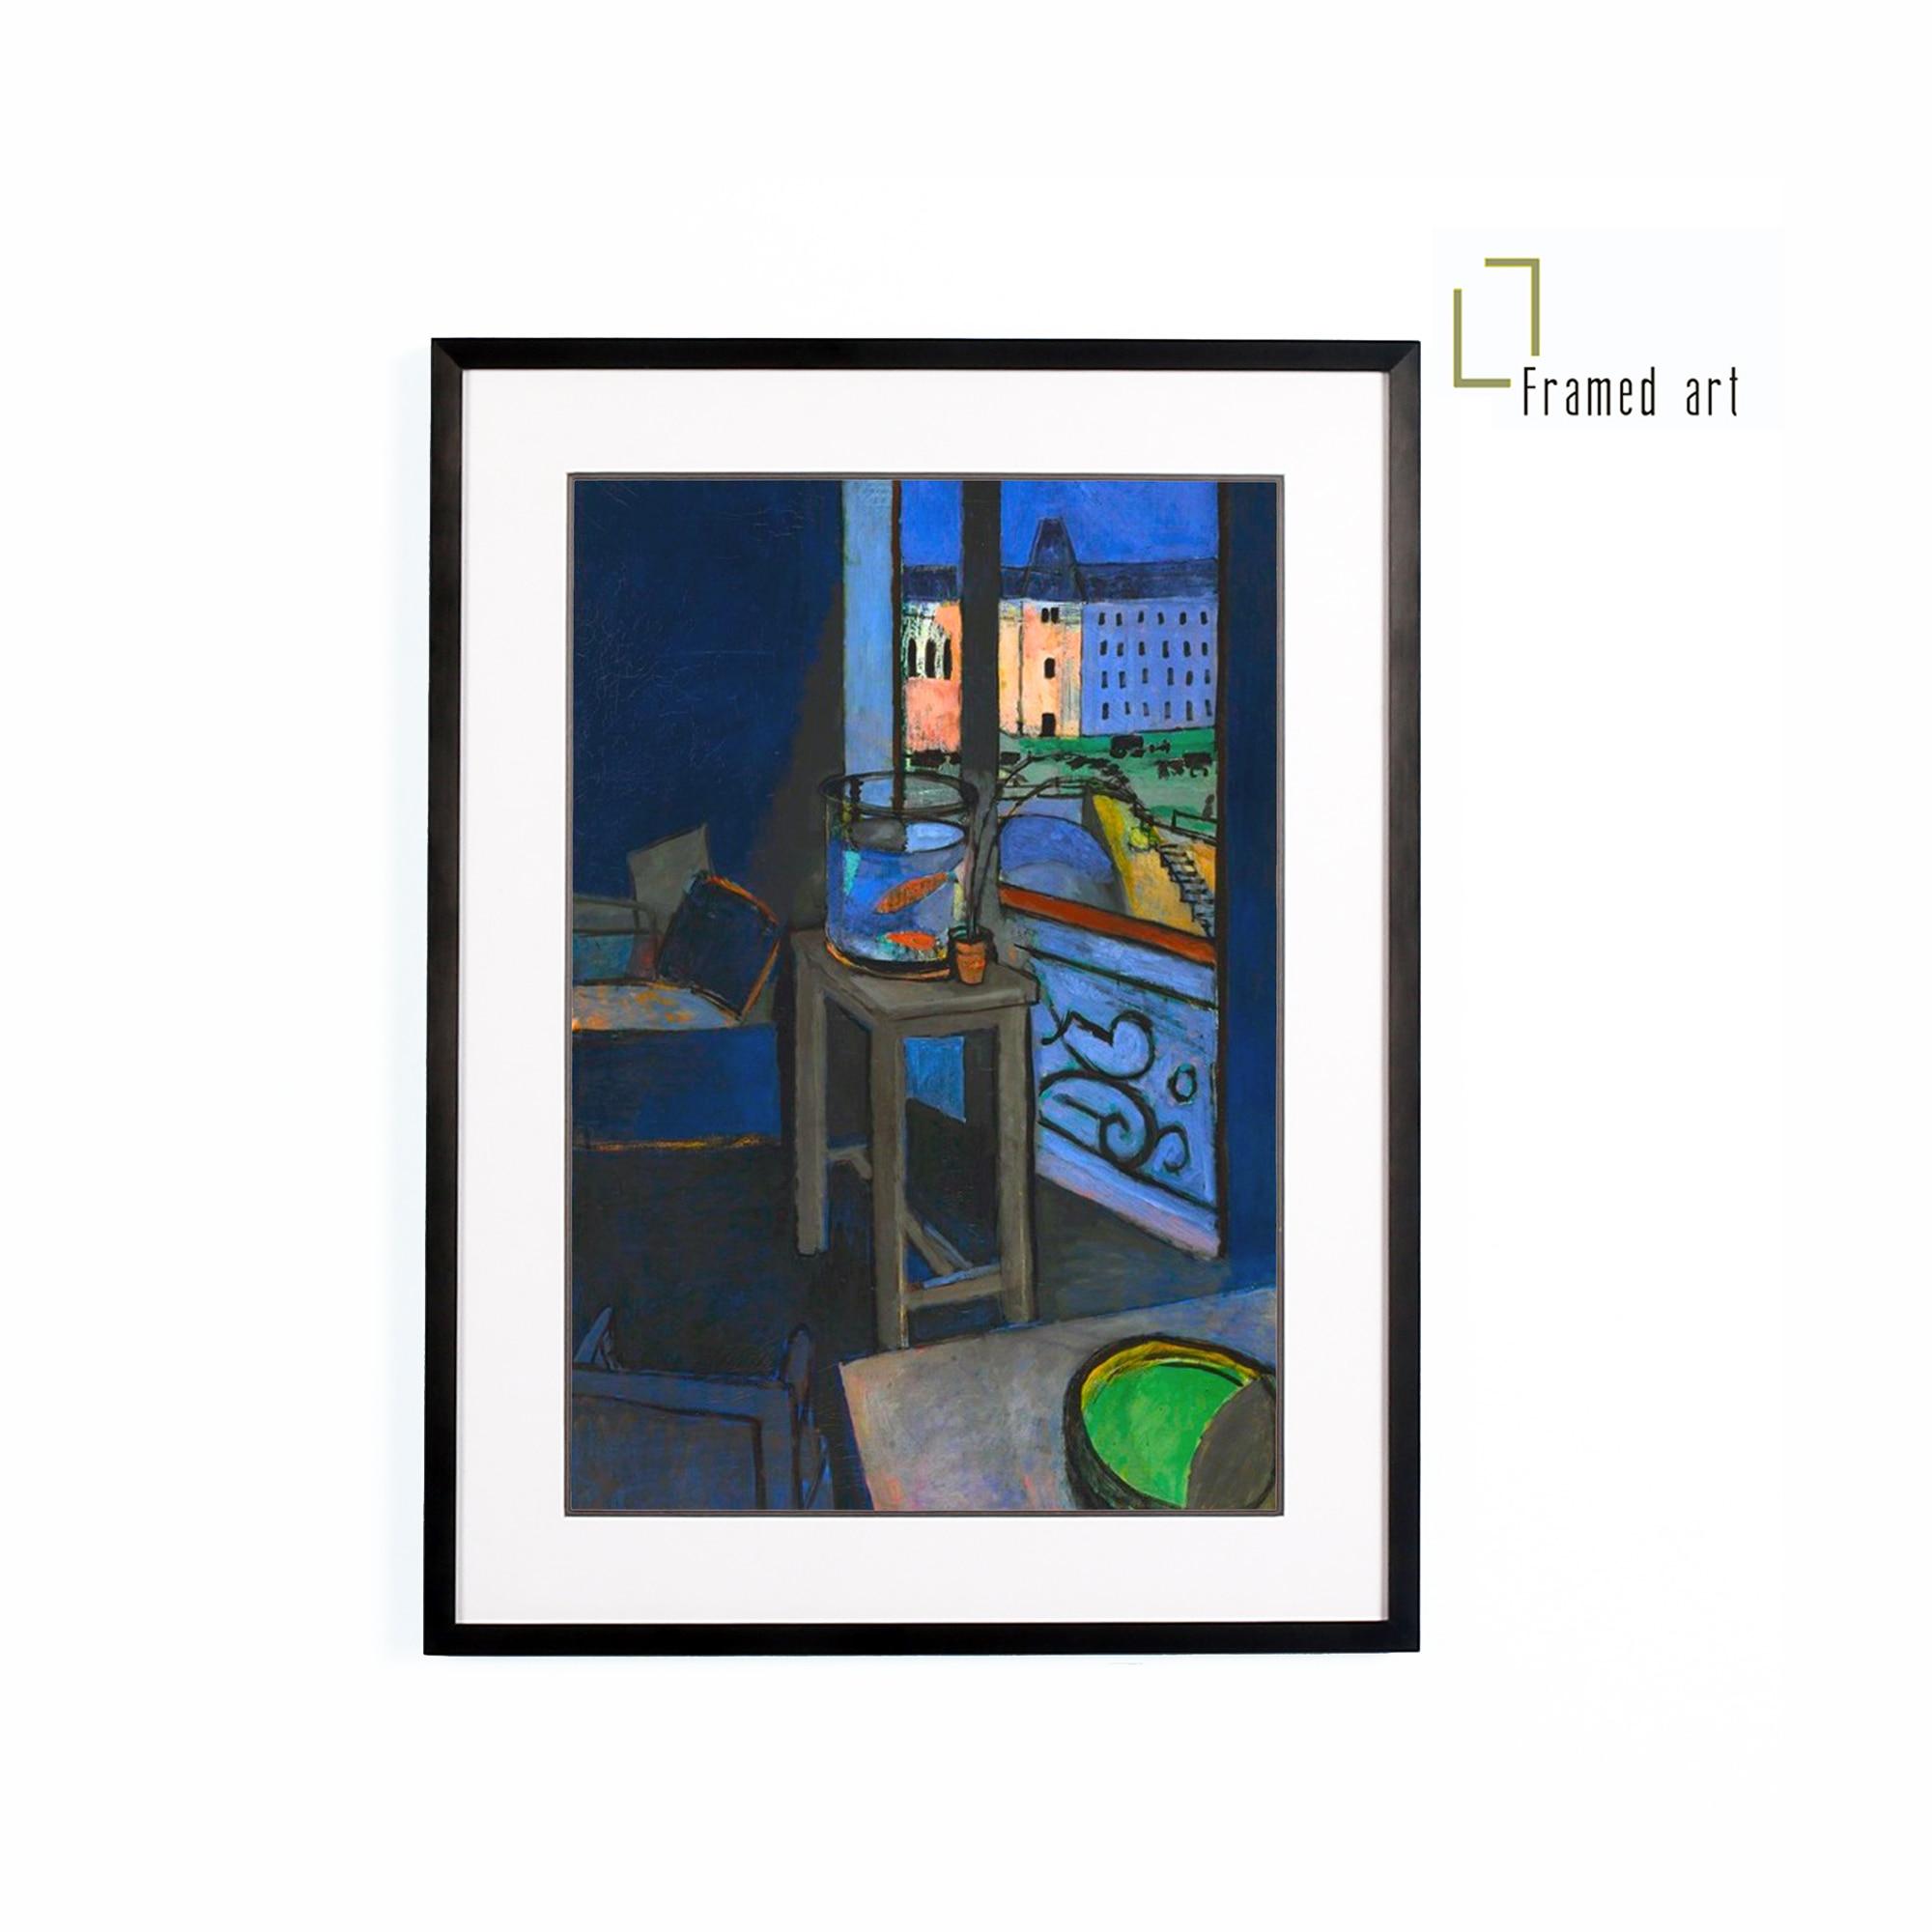 Матисс художественное произведение в рамке интерьер с золотой рыбкой чаша алюминиевая фоторамка с матовым покрытием 30x40cm